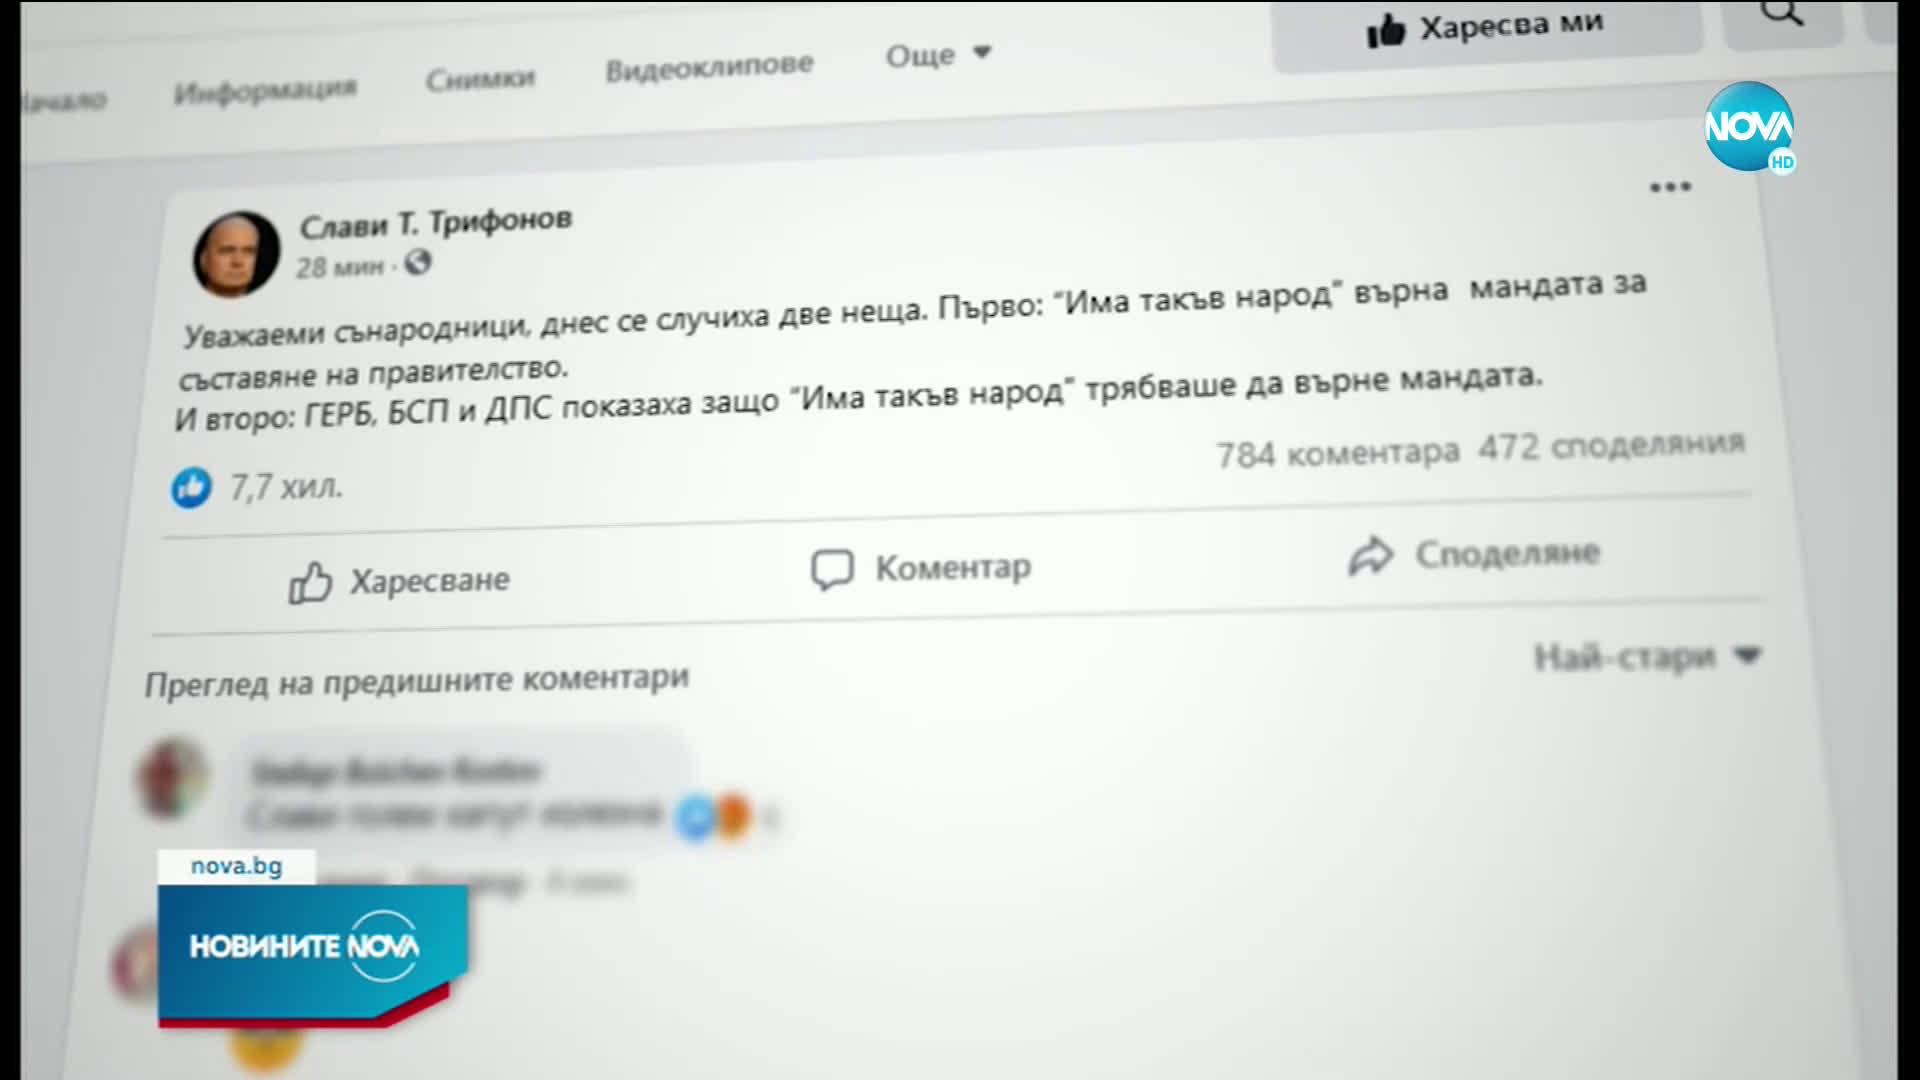 Трифонов: ГЕРБ, БСП и ДПС показаха защо трябваше да върнем мандата